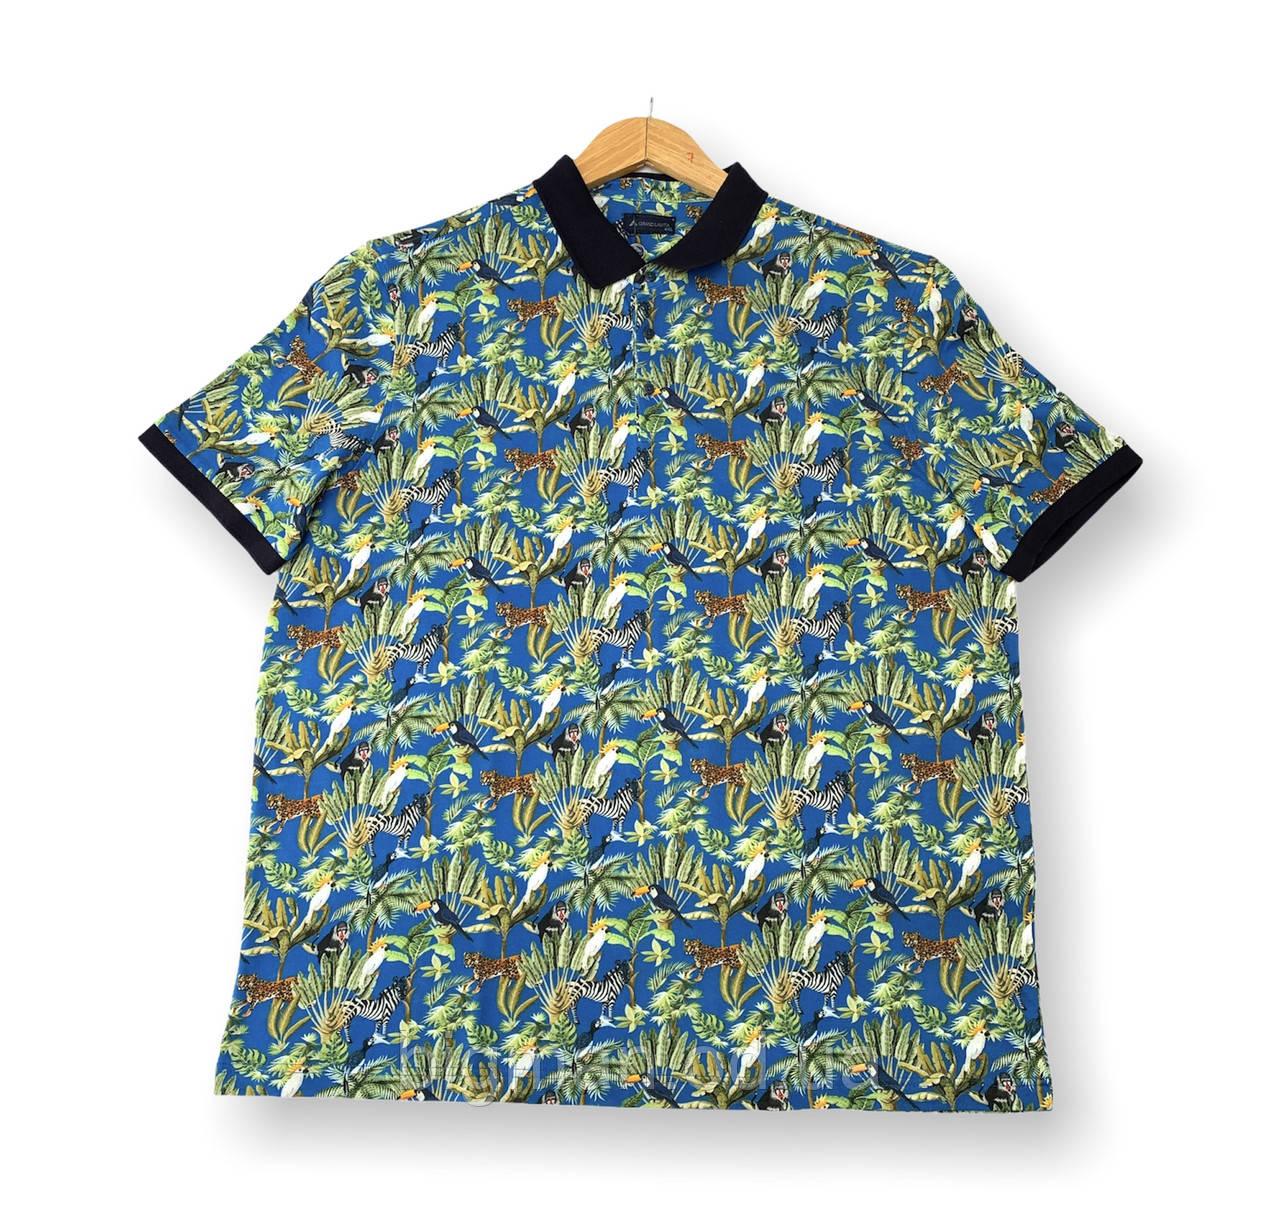 Мужская футболка с воротником поло тениска батал (большие размеры 5XL 6XL 7XL) Grand la Vita, Турция